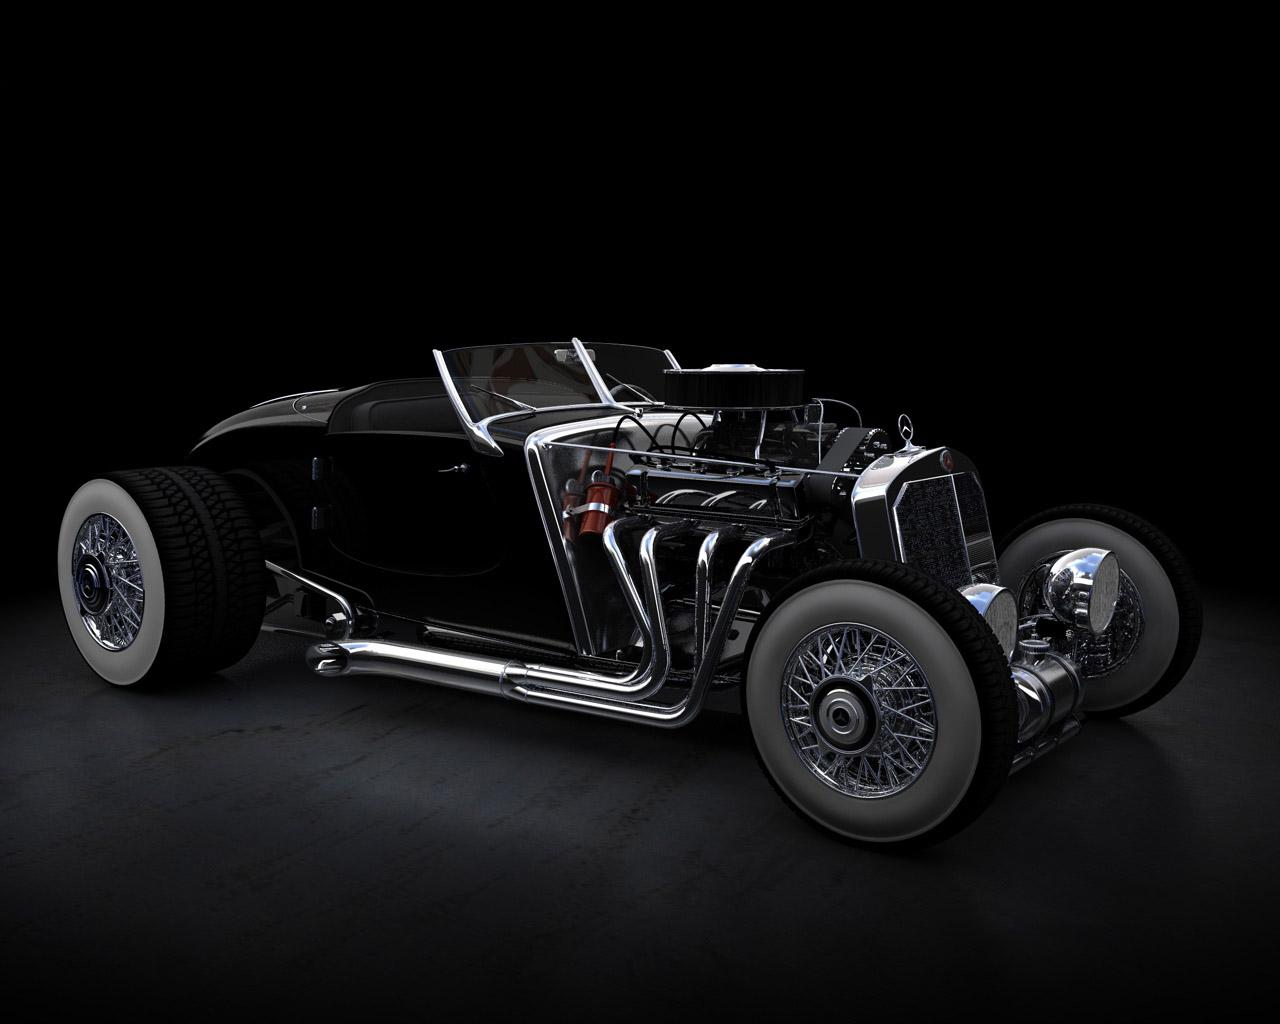 mercedes benz 500k hot rod ii cars hd wallpaper 467835 1280x1024